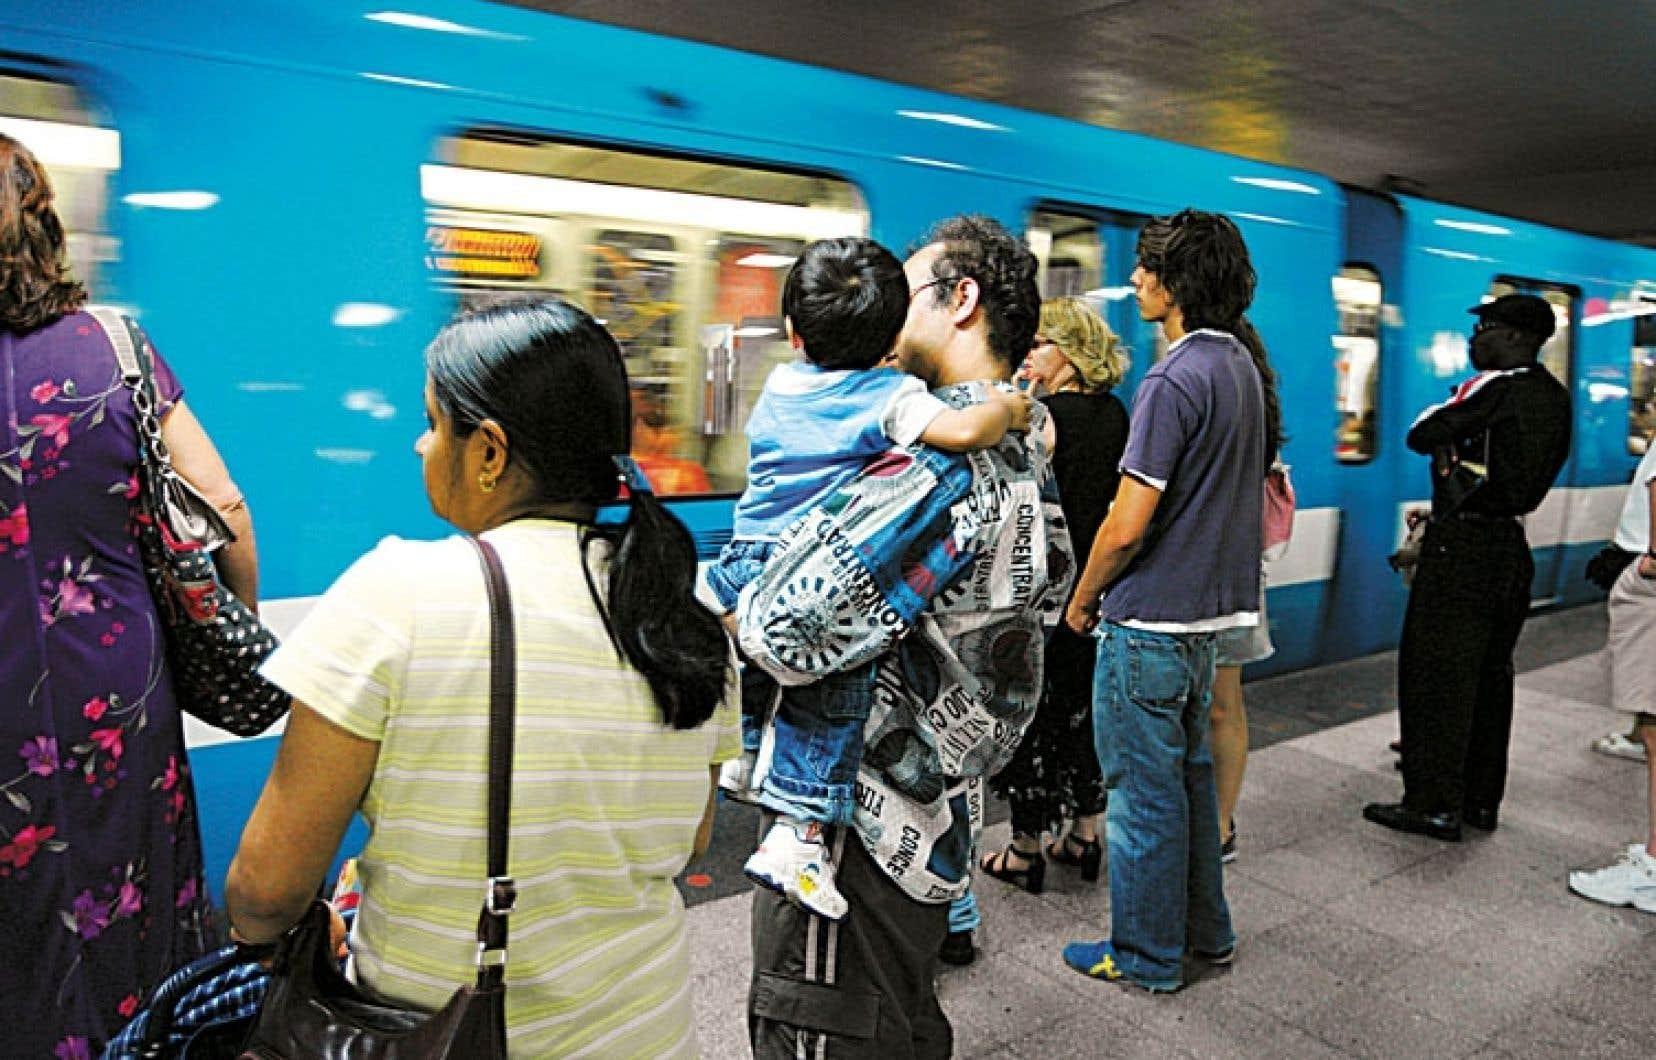 Les pannes dues à la défaillance du système de commande centralisée du métro de Montréal ont mécontenté des milliers d'usagers.